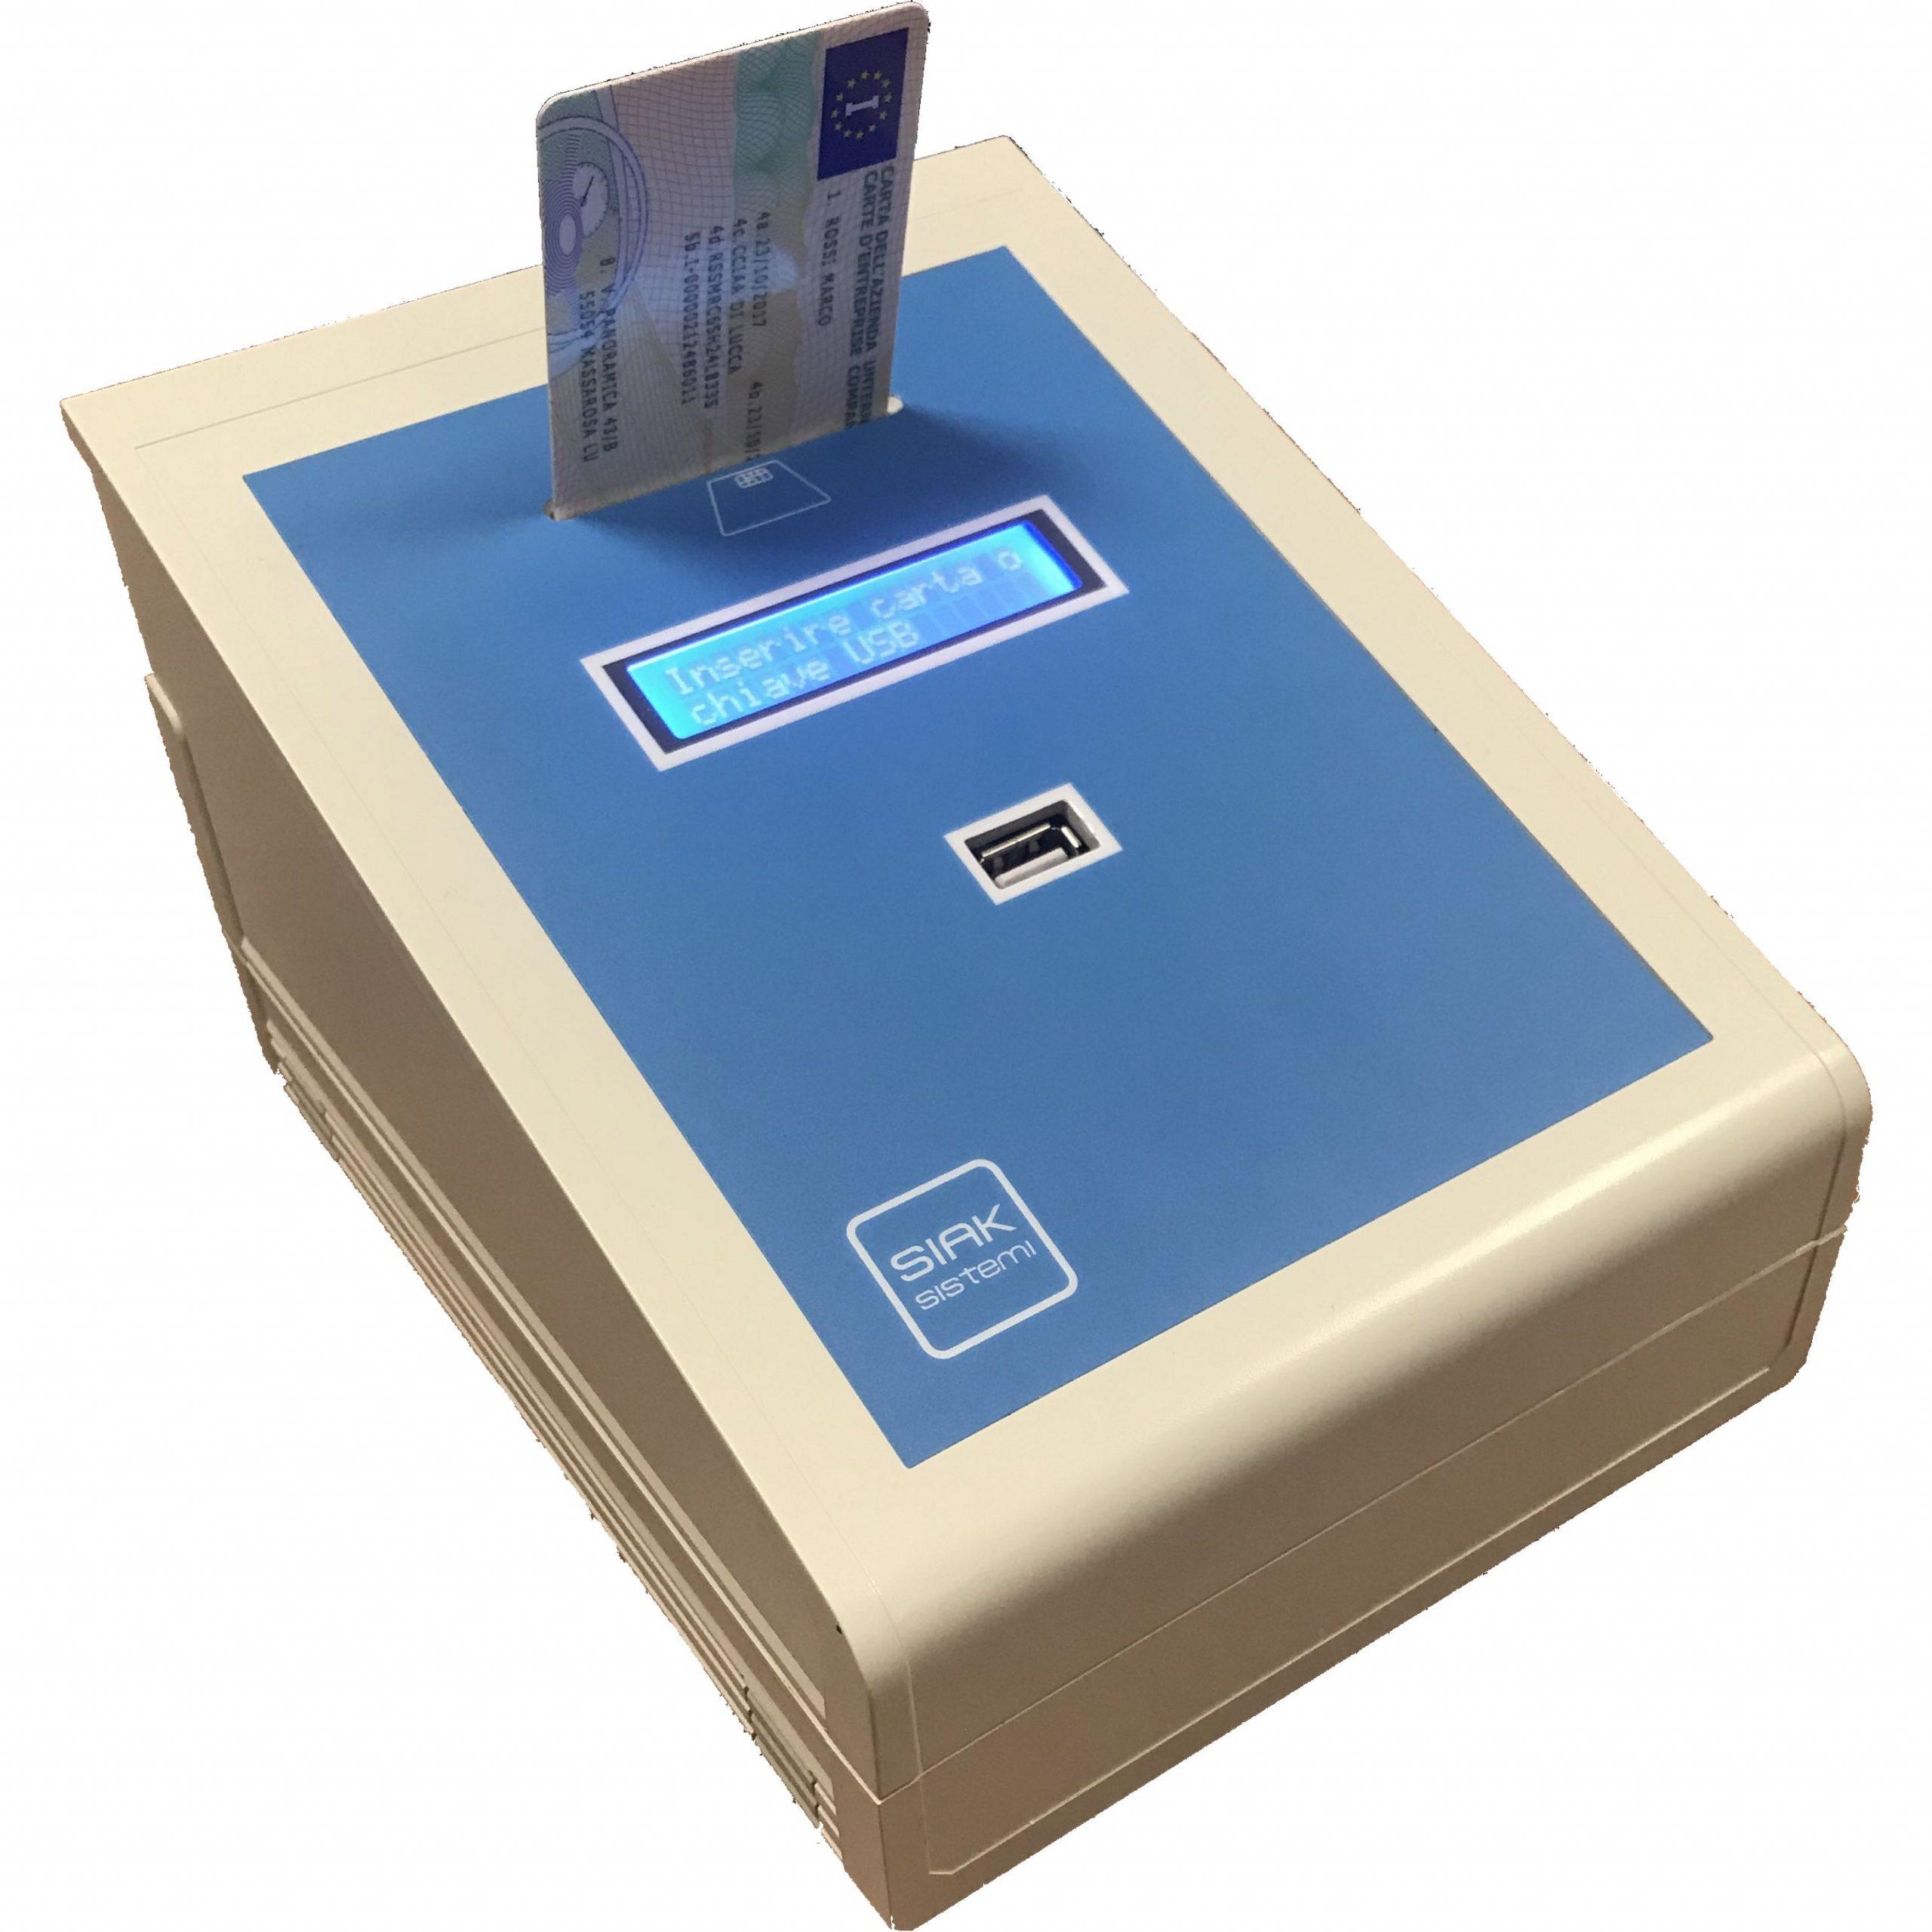 Terminale automatico per postazione non presidiata